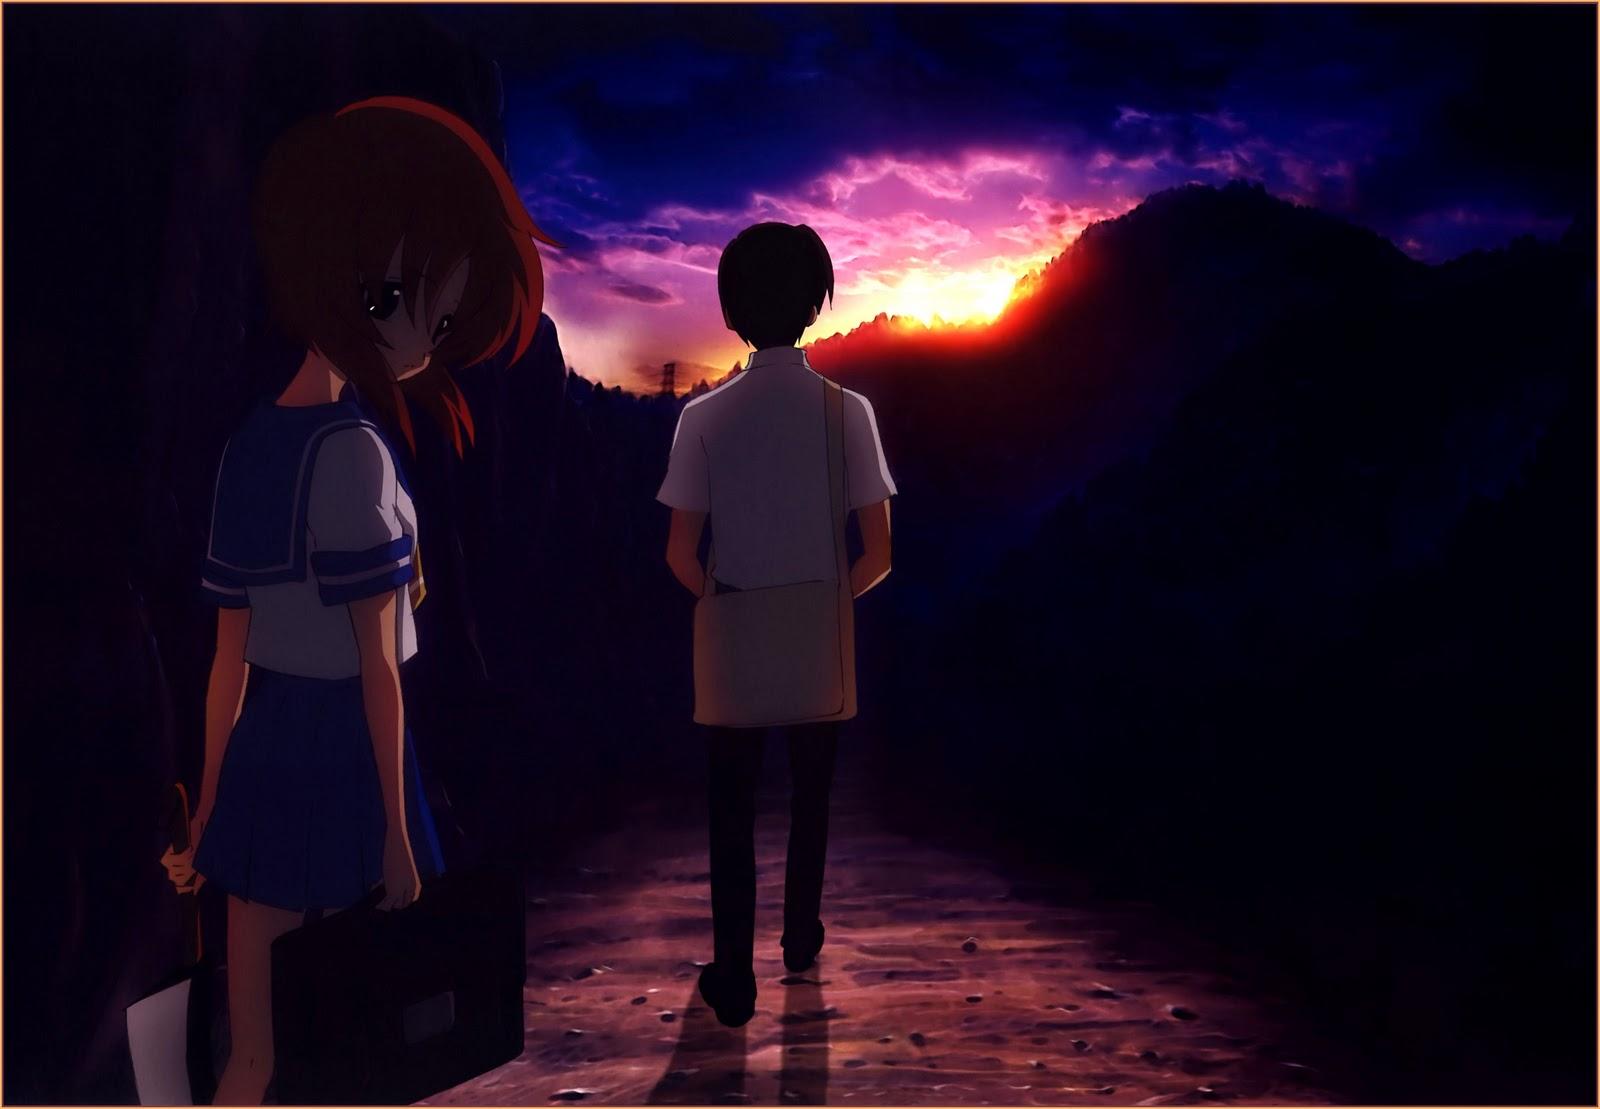 http://4.bp.blogspot.com/_5JR3ZqavzGQ/TMxmVD0sxJI/AAAAAAAAGv8/U1brZR0FxWw/s1600/keiichi-maebara+(17).jpg